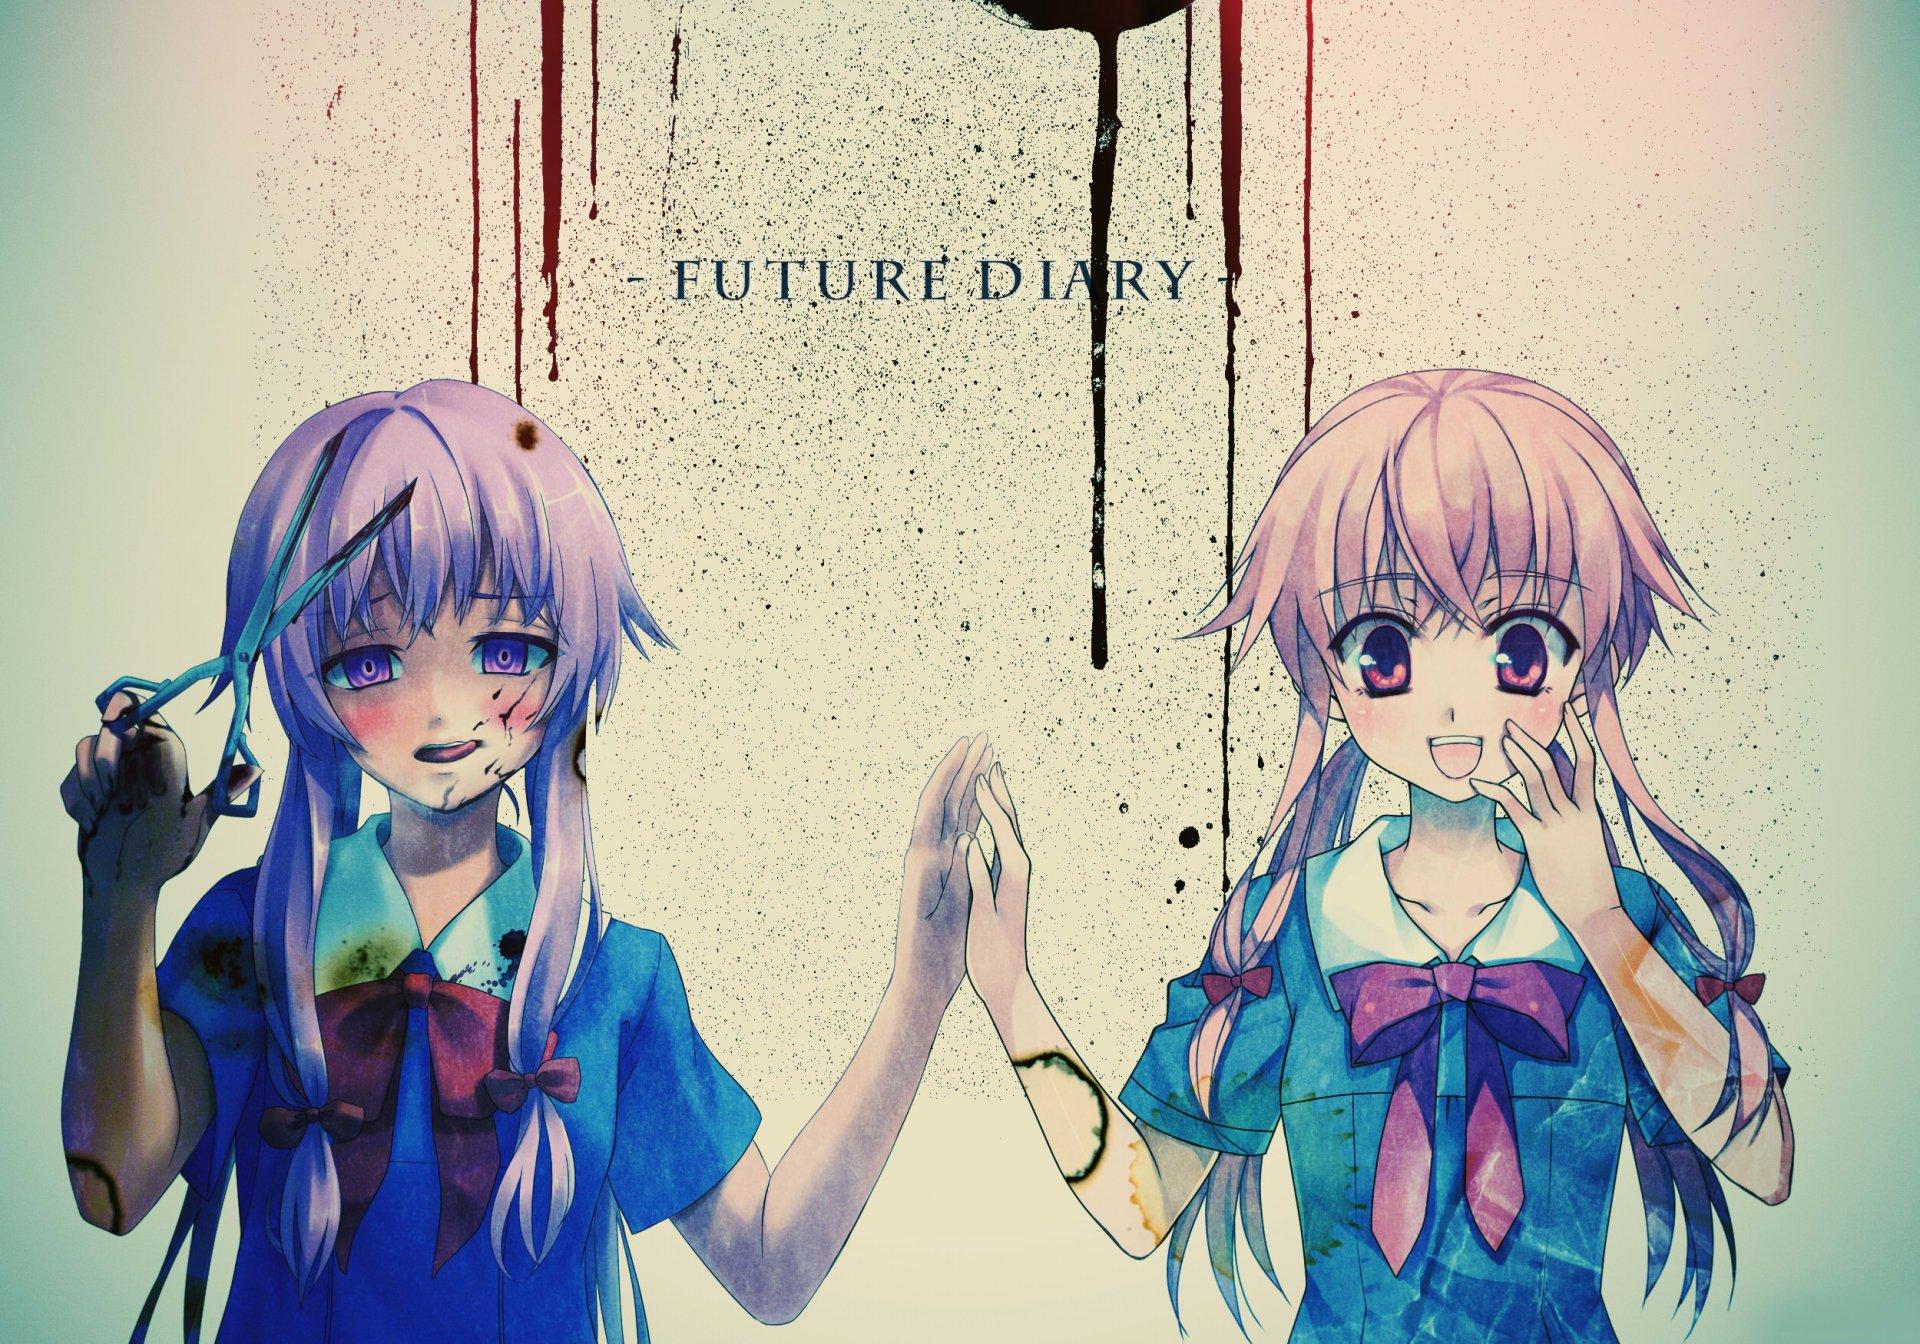 动漫 - 未来日记  动漫 Yuno Gasai Future Diary Pink Hair Yandere 血 女孩 School Uniform 壁纸